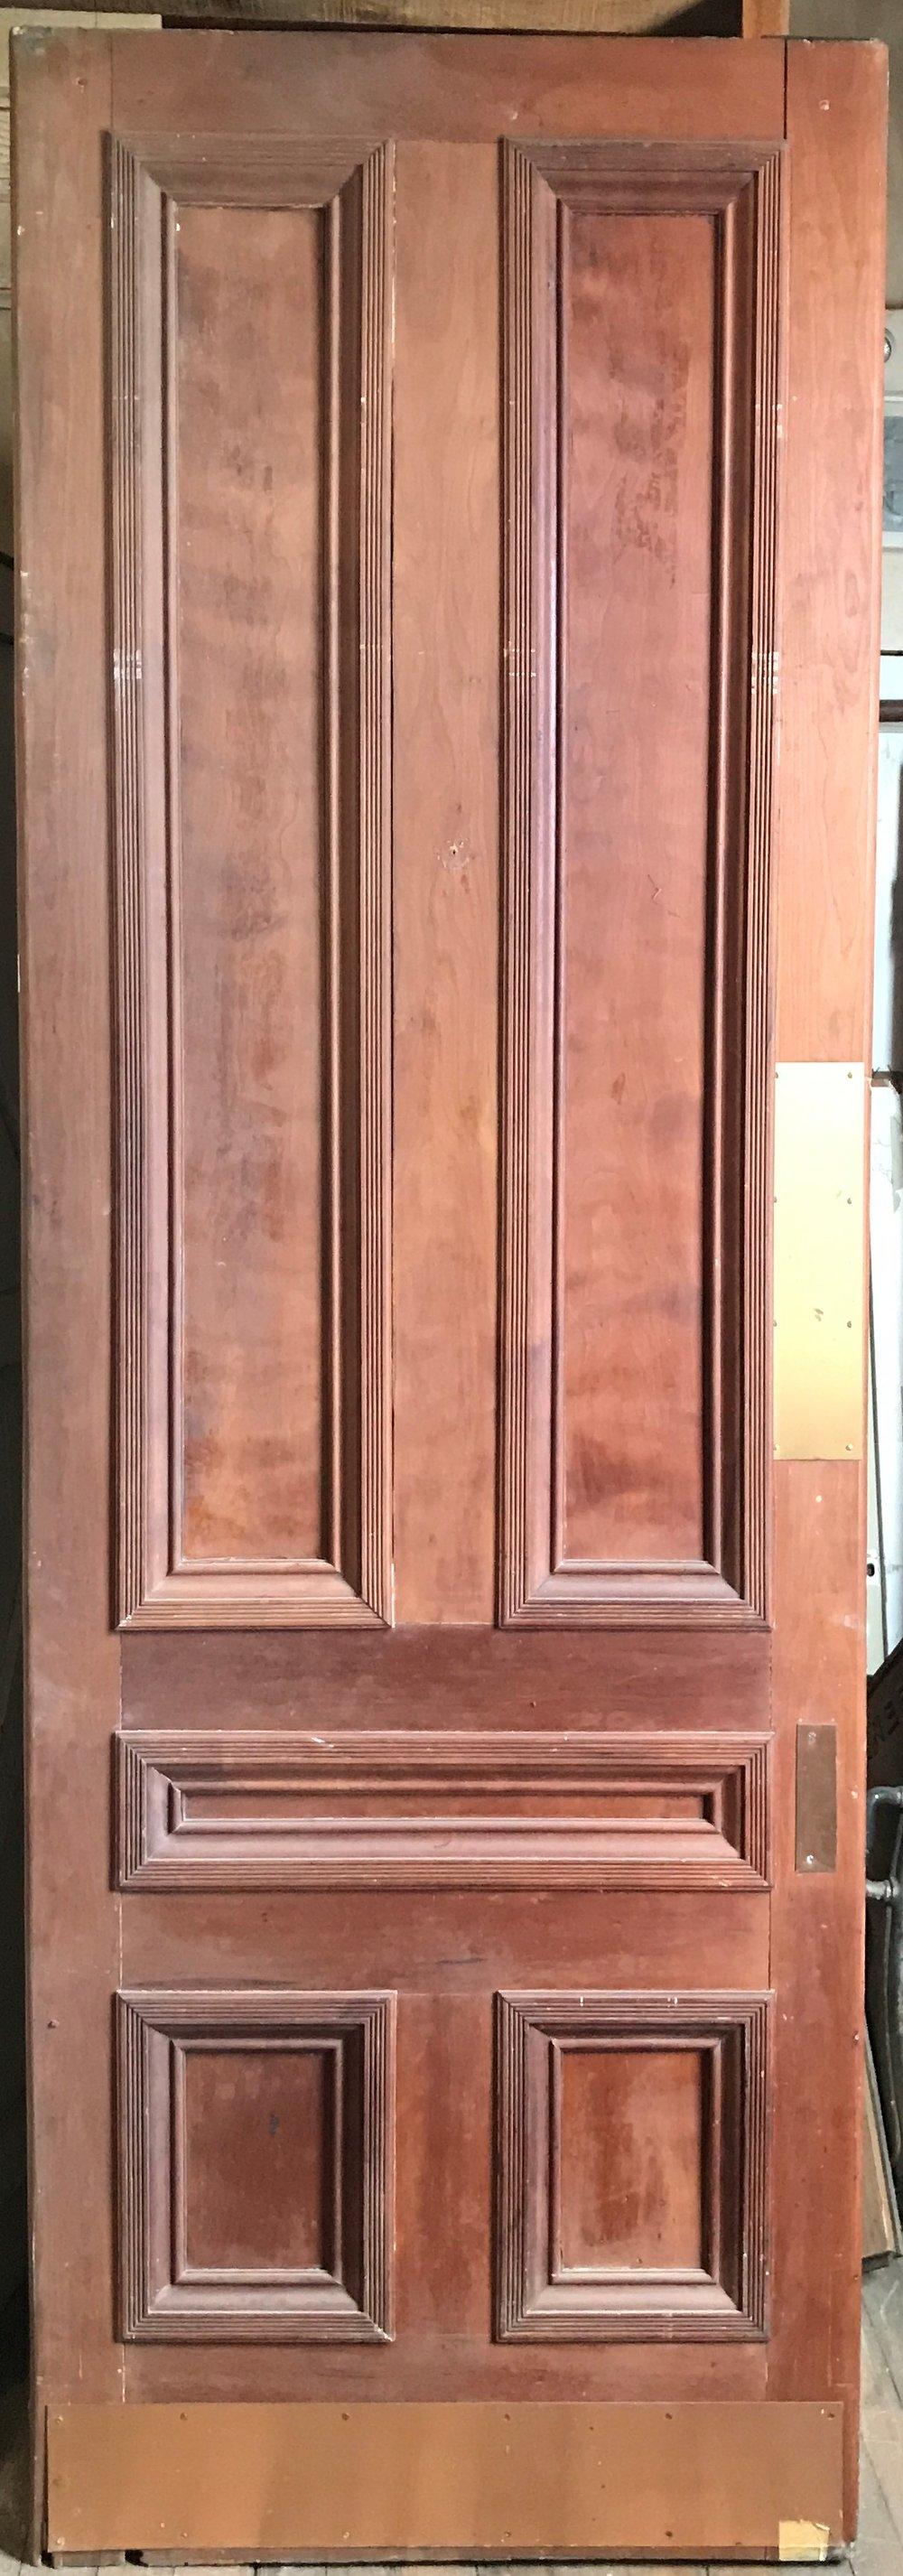 Oversized 5 Panel Interior Door